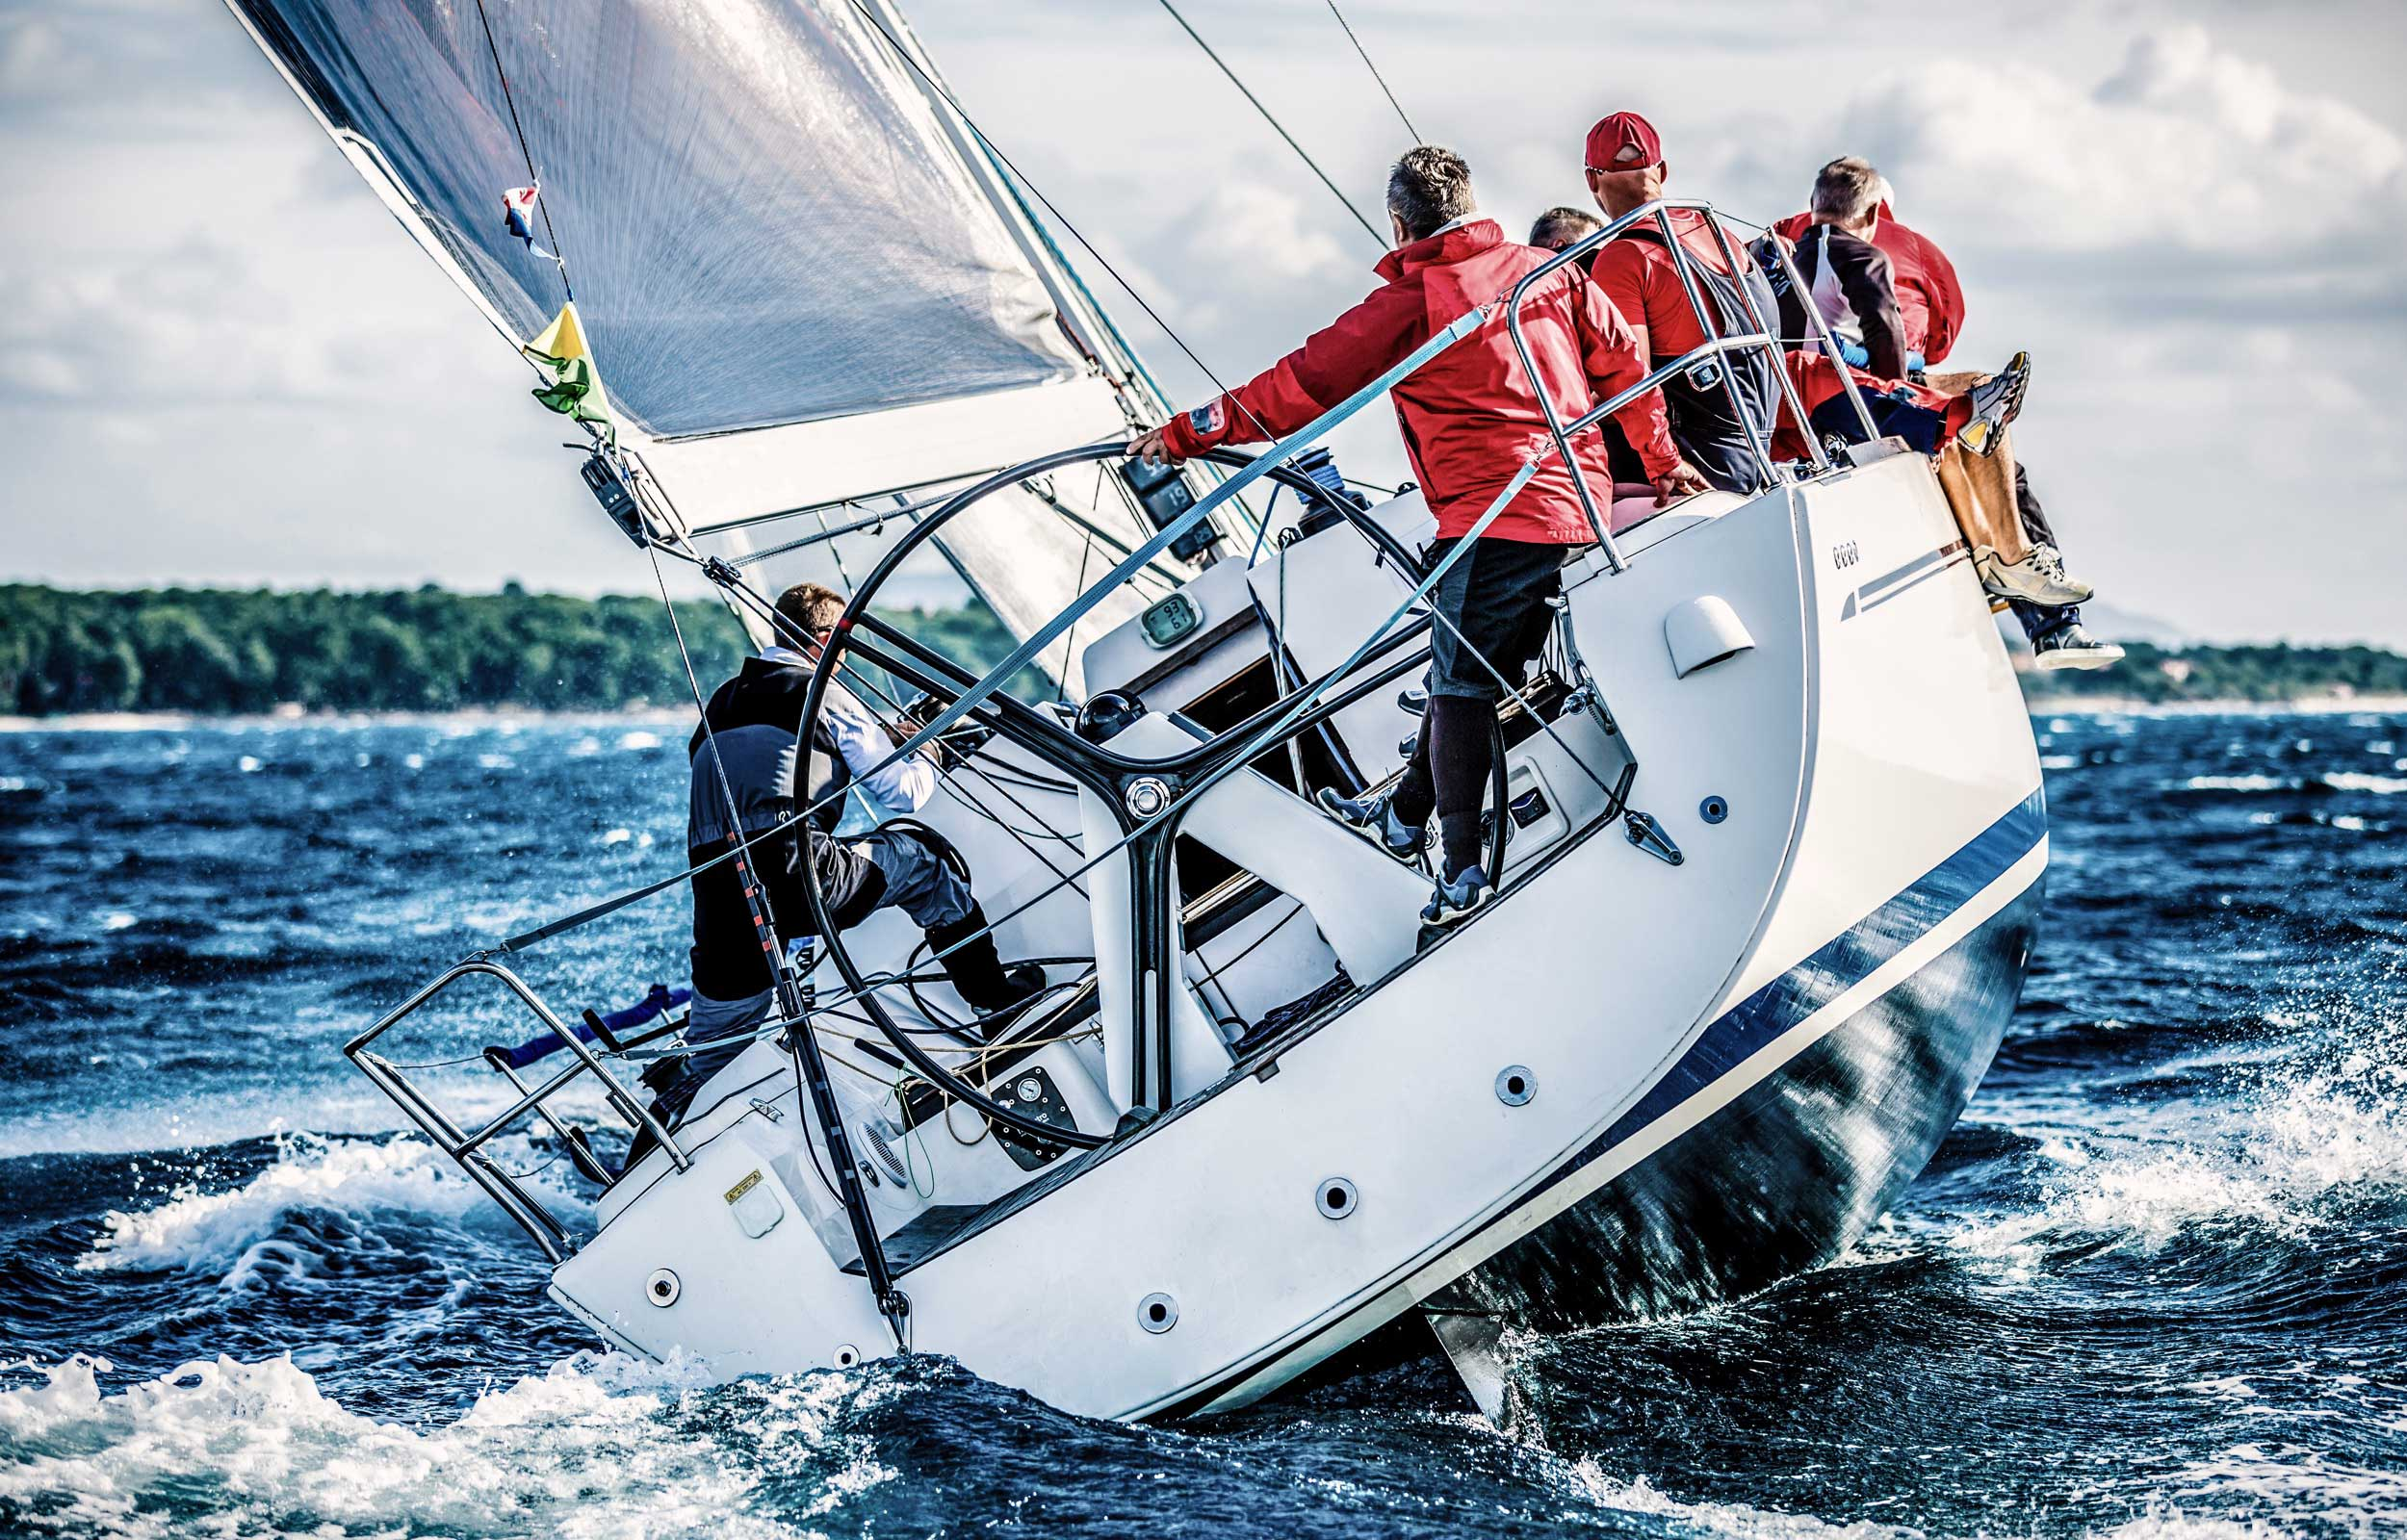 Alpora Innovation Select Fonds Titelbild - Segelschiff in stürmischer See